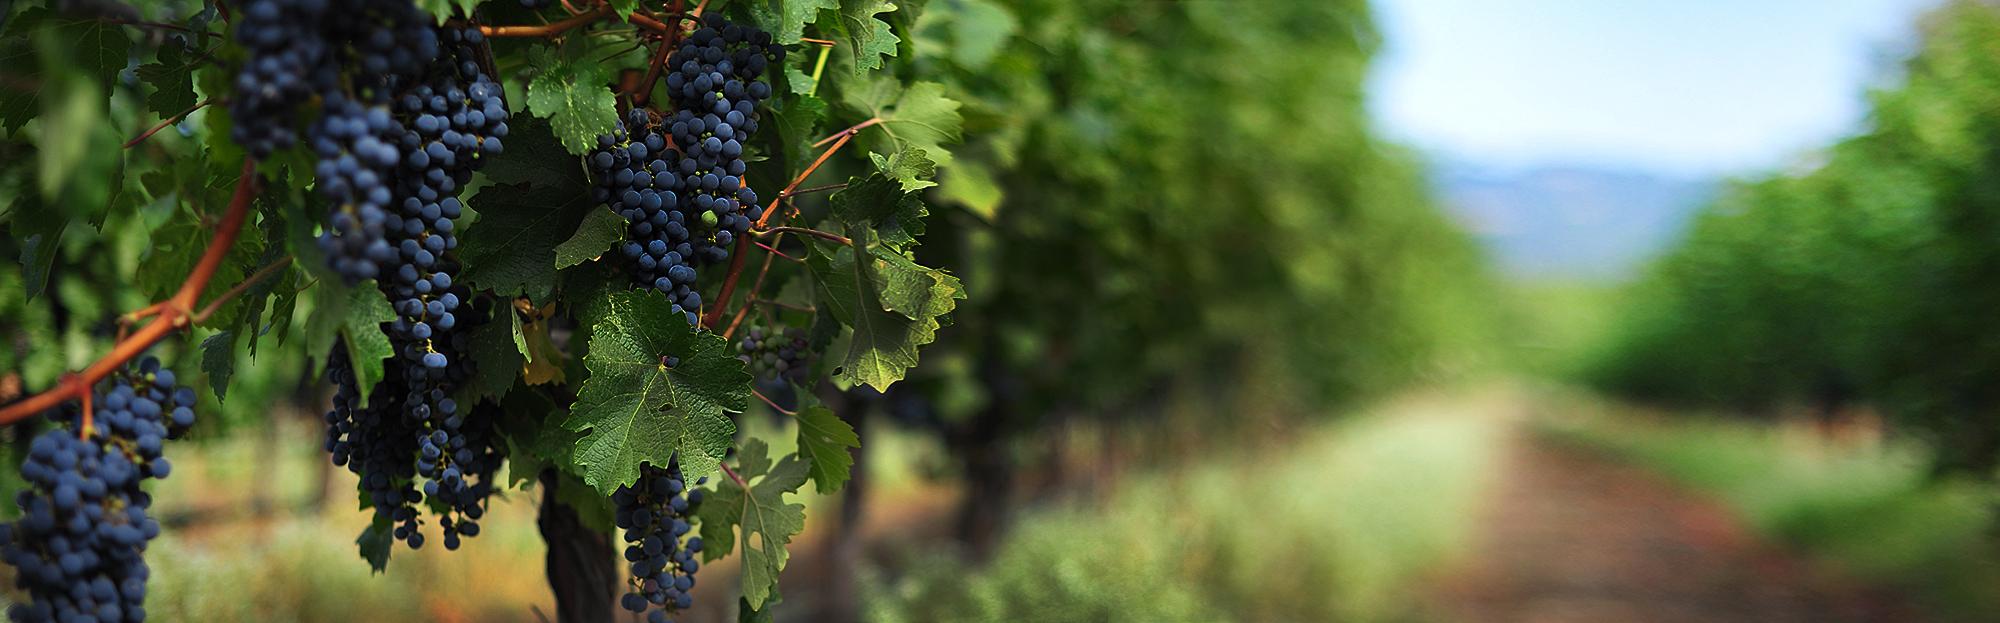 Экскурсия по Дербентской Винодельческой Компании